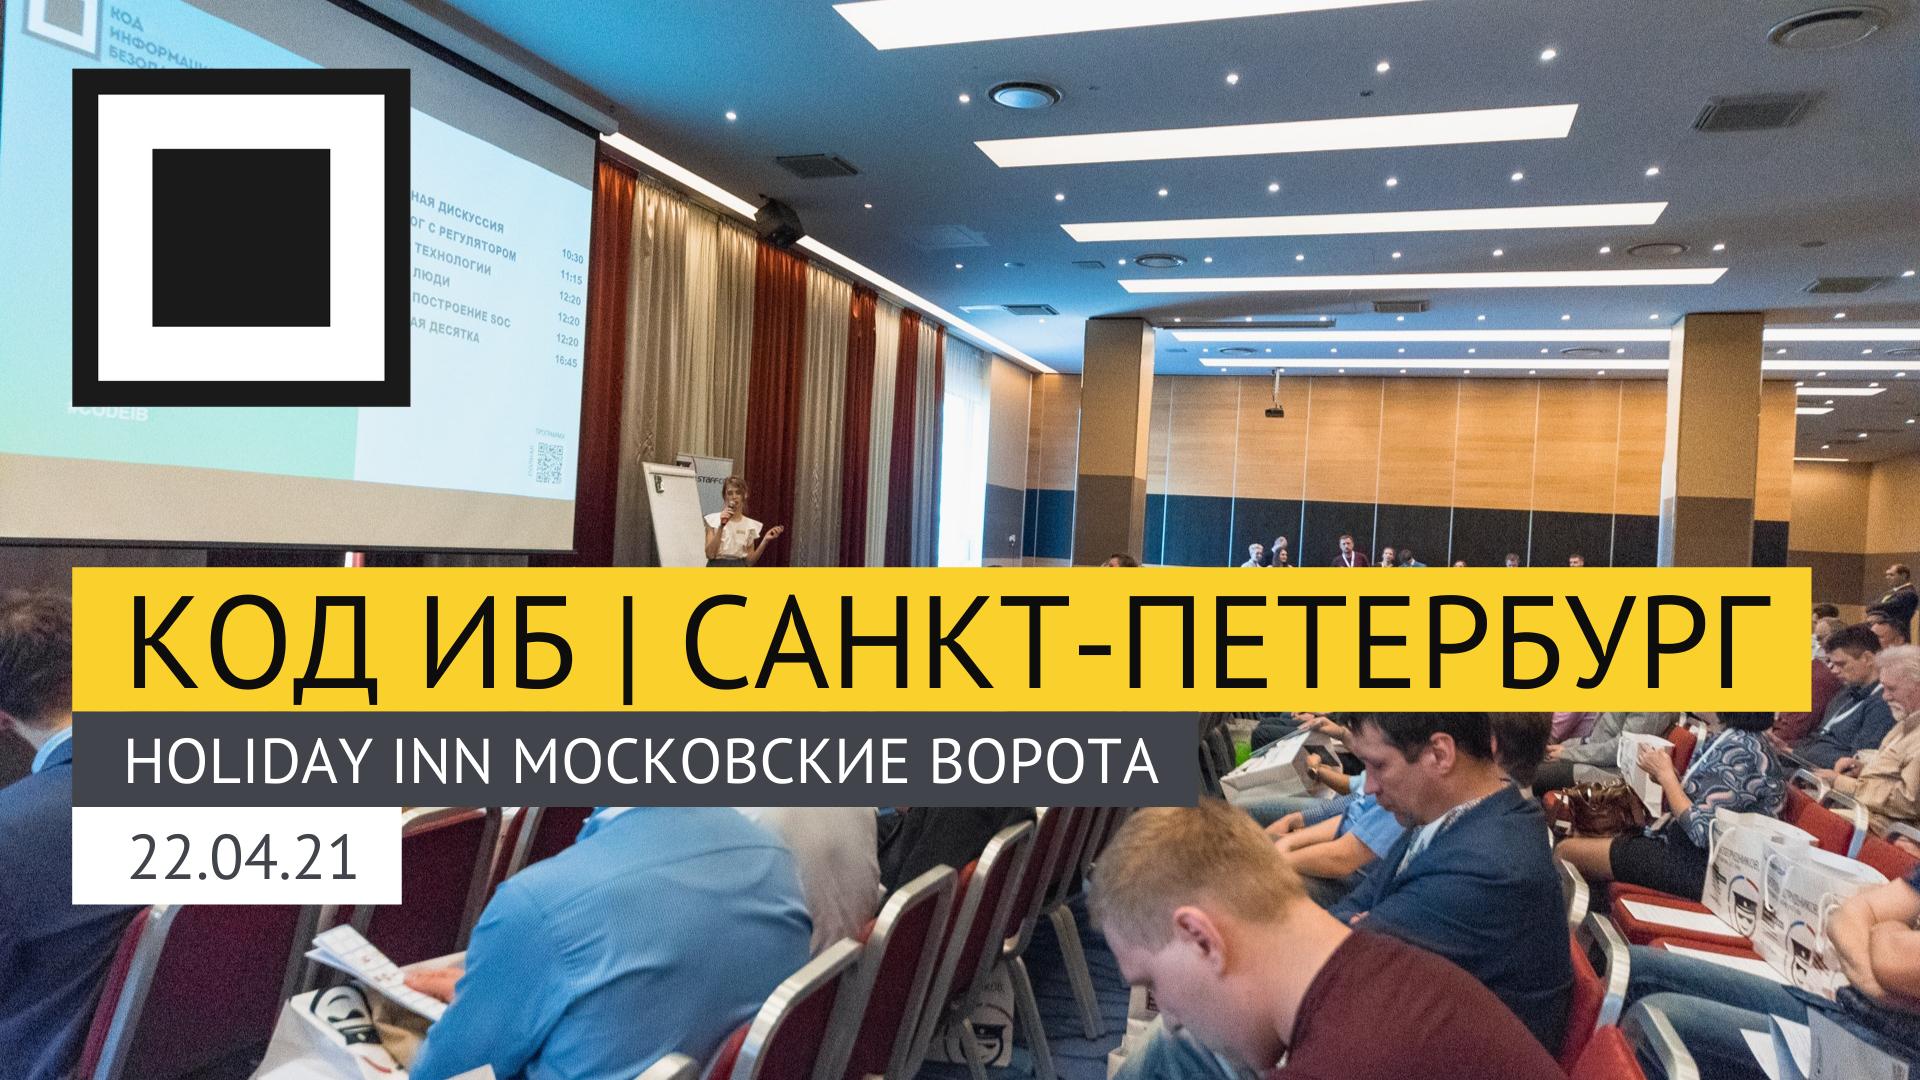 Конференция по информационной безопасности в Северной столице России пройдёт 22 апреля